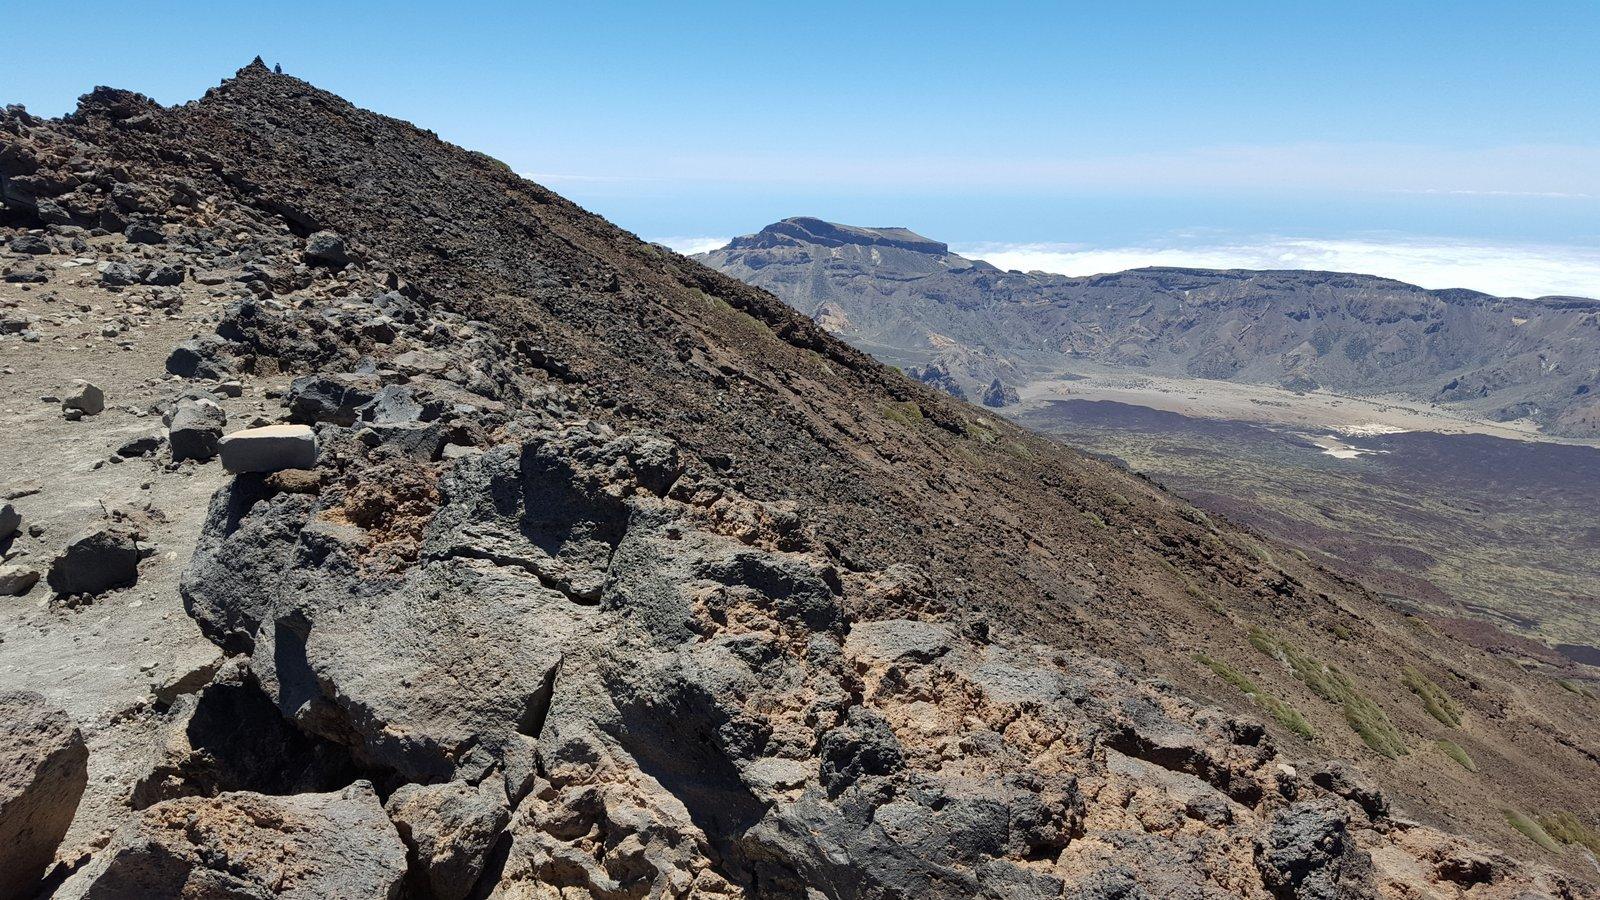 Pico Sur e Alto de Guajara sullo sfondo.